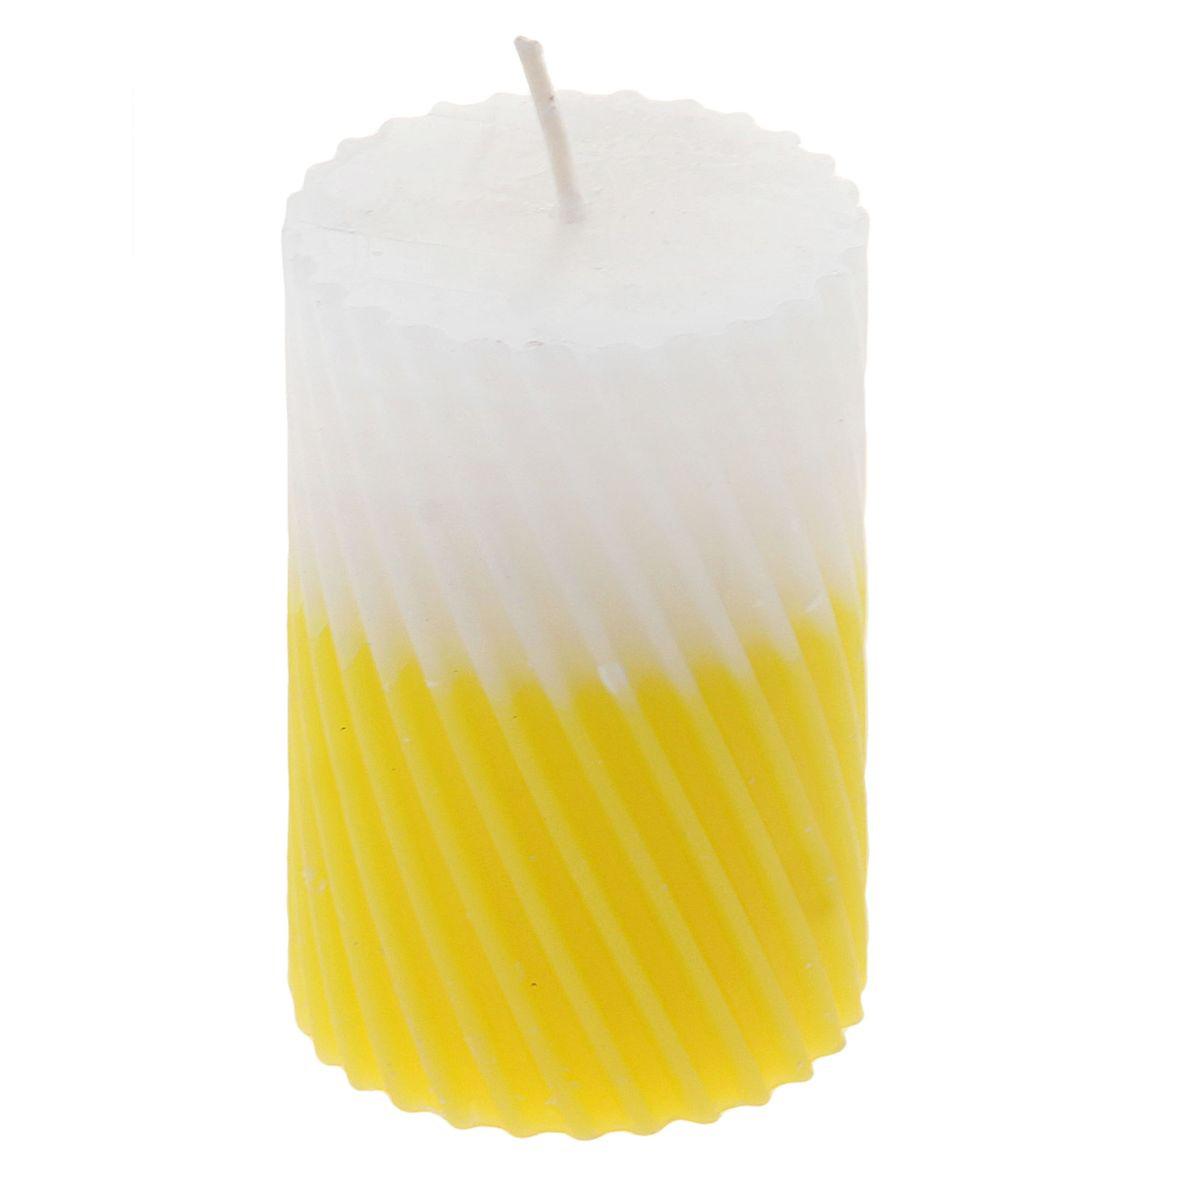 Свеча ароматизированная Sima-land Лимон, высота 7,5 см. 849539 свеча ароматизированная sima land лимон на подставке высота 6 см